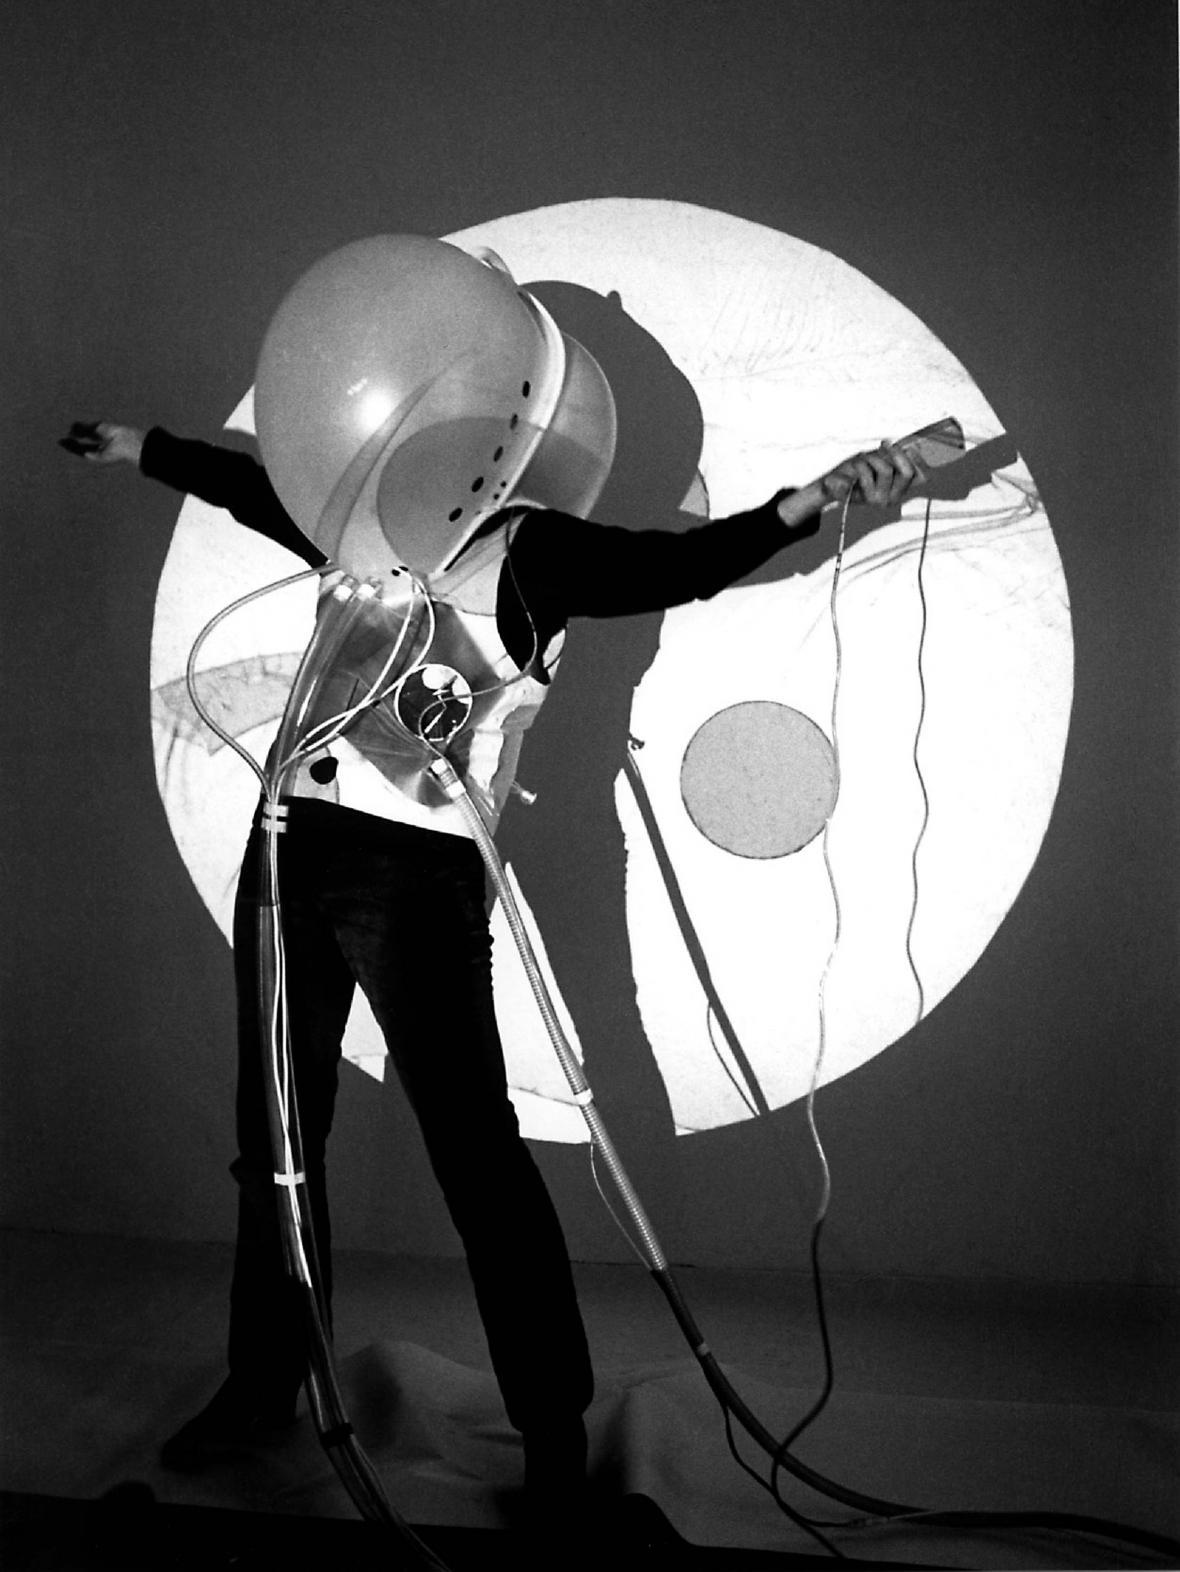 The White Suit (COOP HIMMELB(L)AU, Wolf D. Prix, Helmut Swiczinsky, 1969)